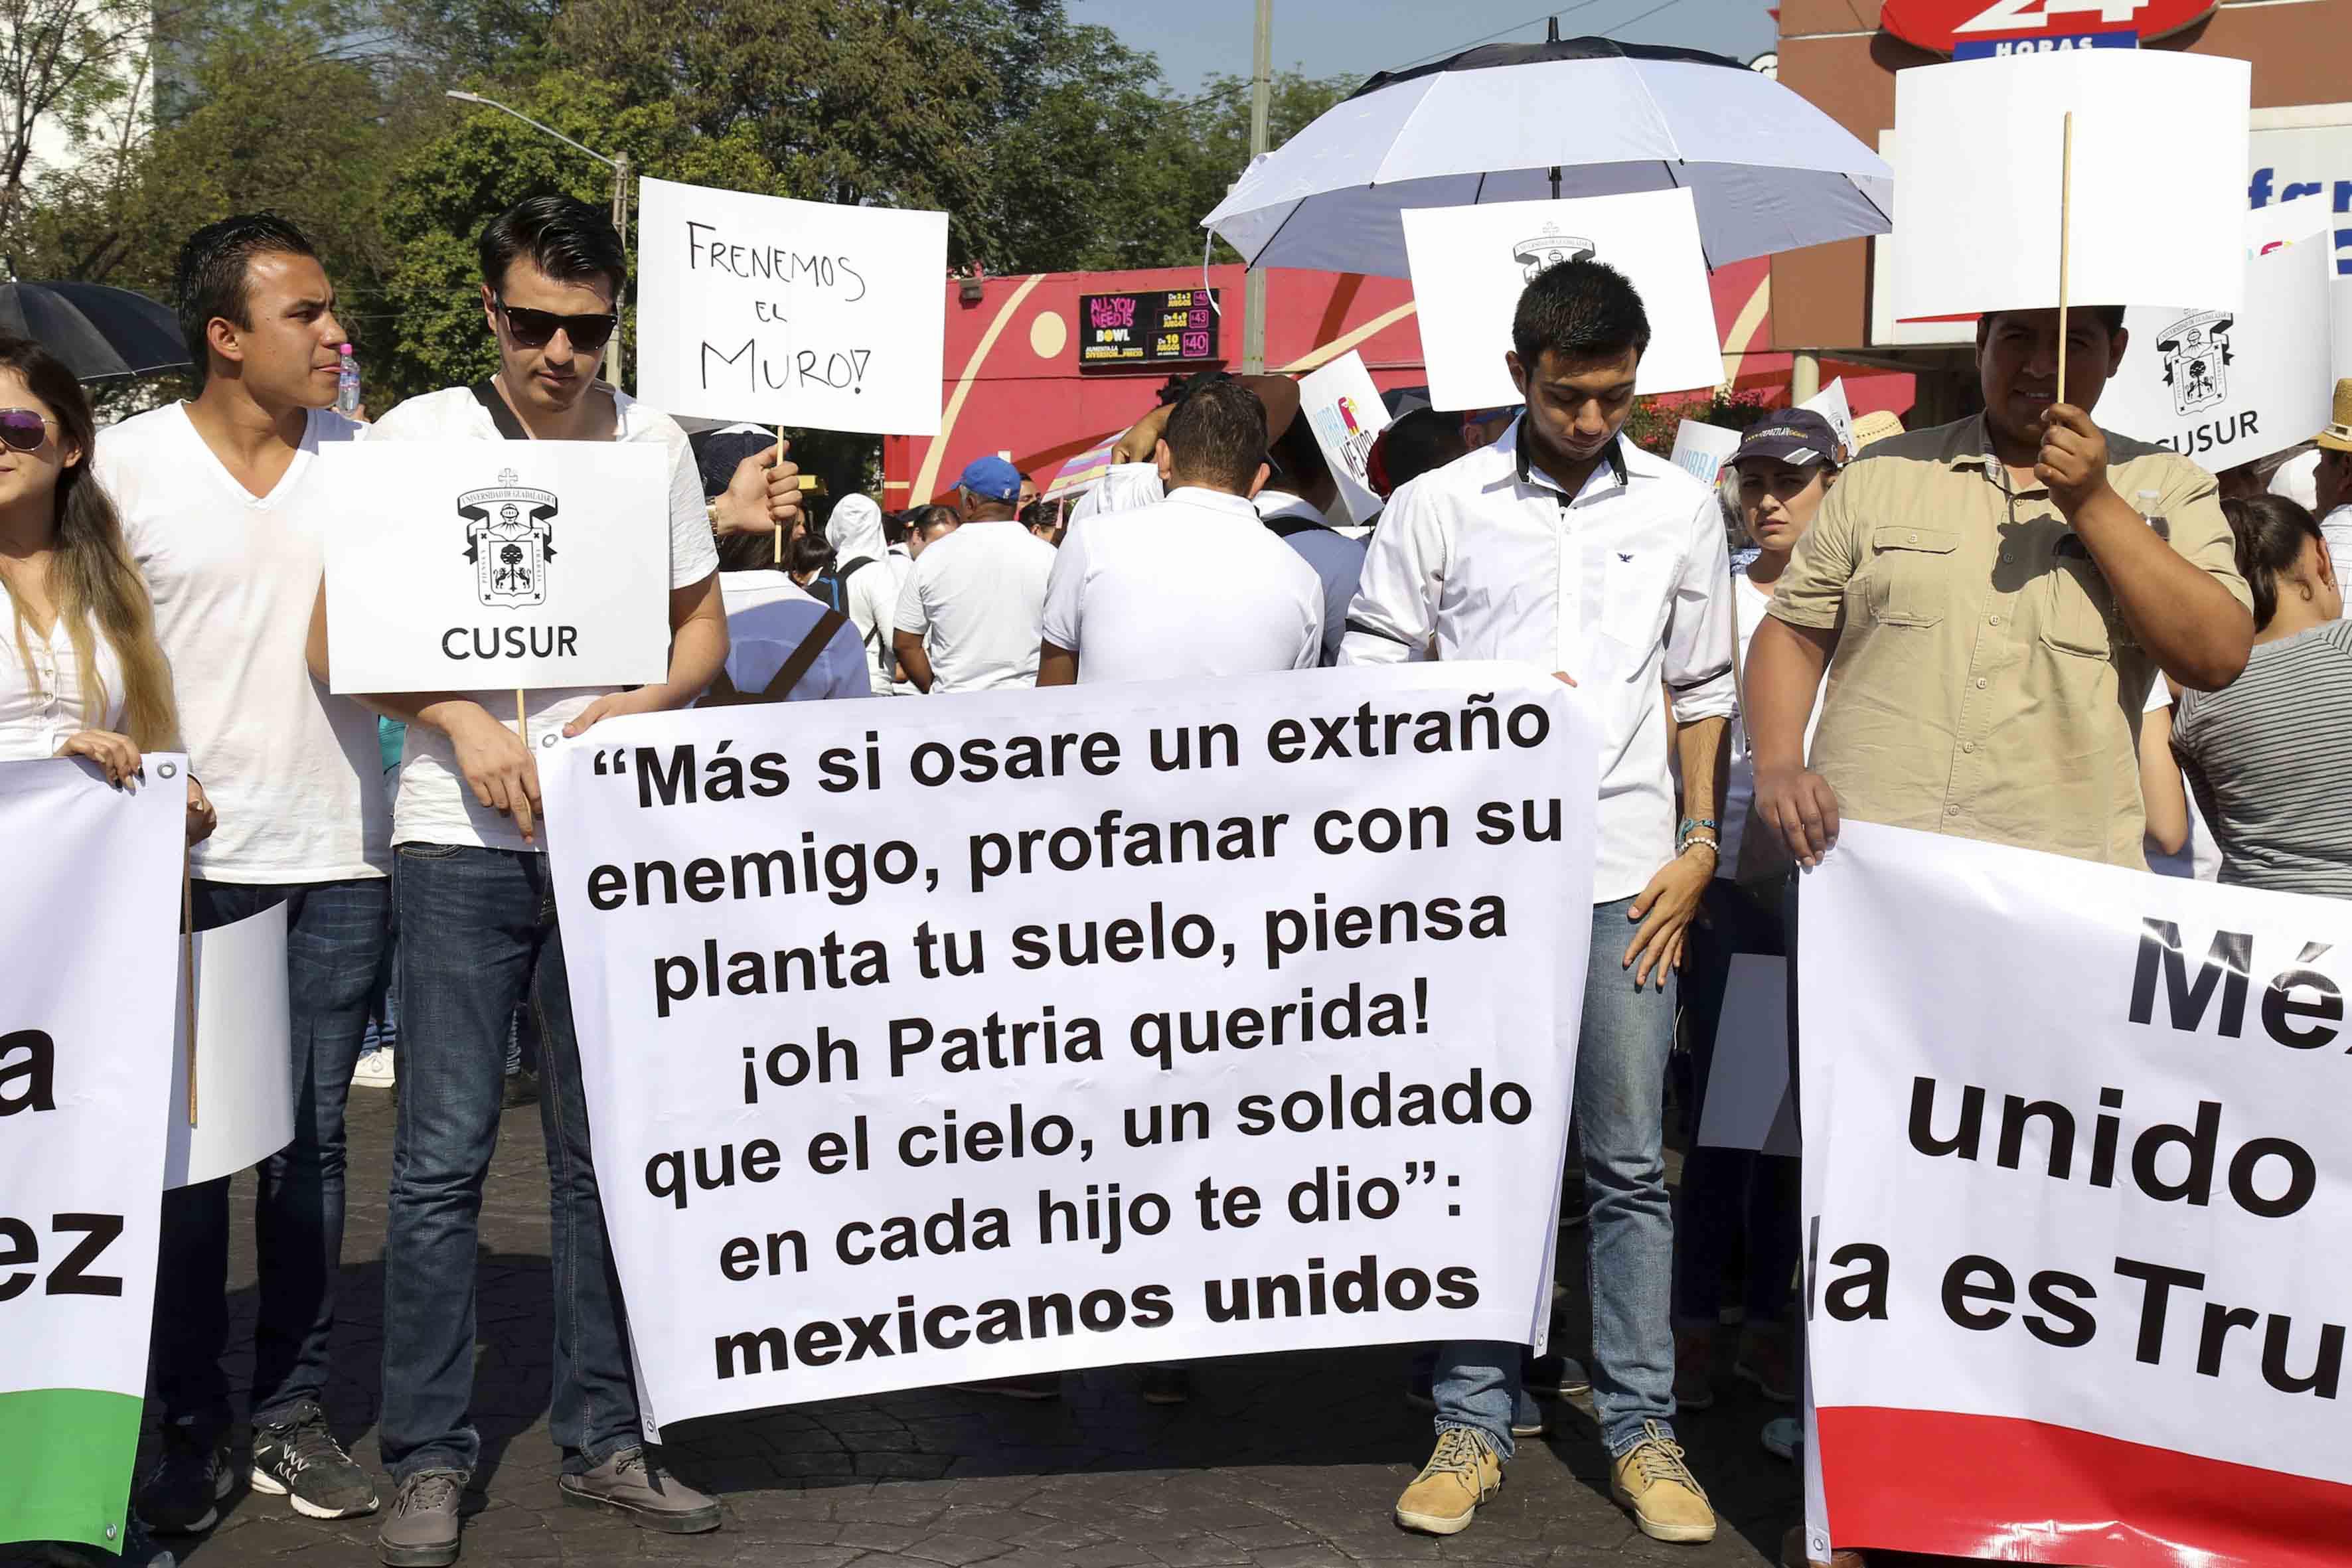 Manifestantes protestando contra de los embates a México orquestados por el nuevo presidente de Estados Unidos, Donald Trump,